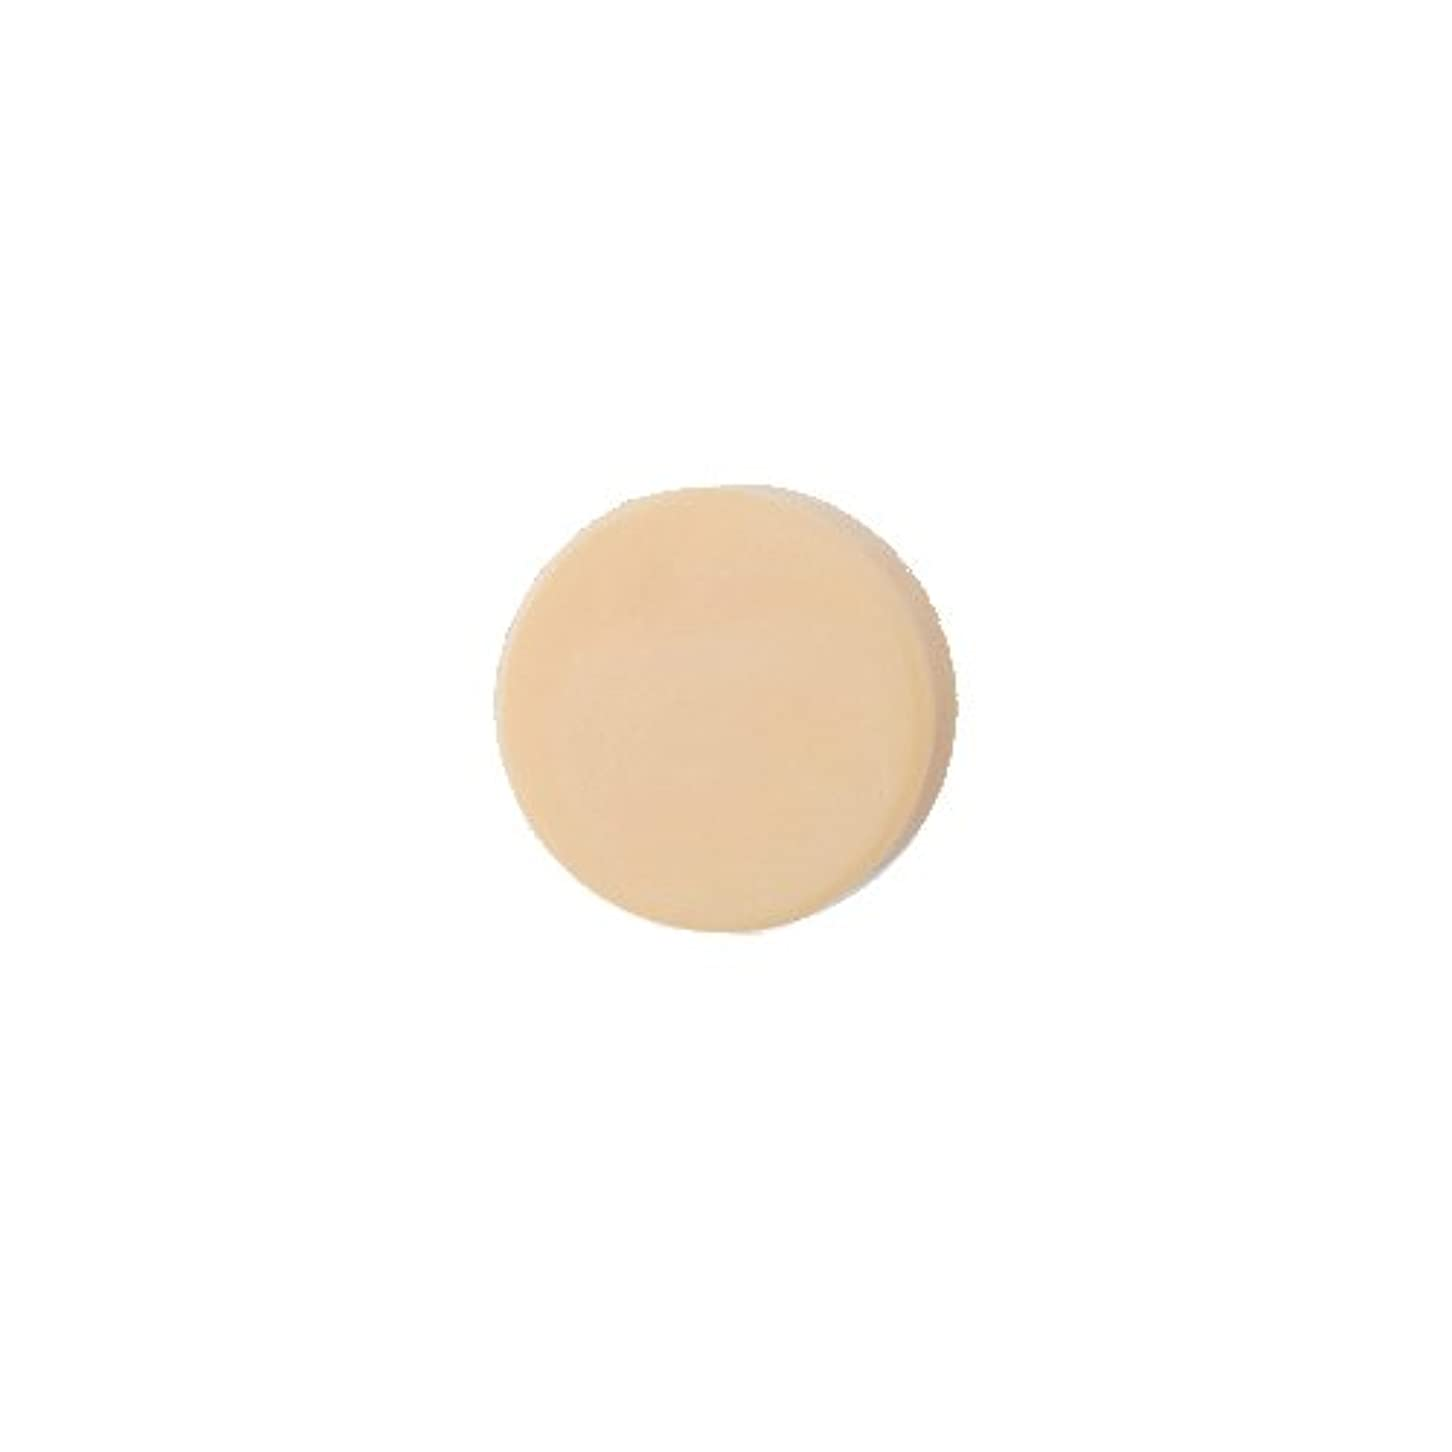 こだわりコールド製法の無添加でオーガニックな洗顔石鹸 マザーウッド&シルクソープ 75g